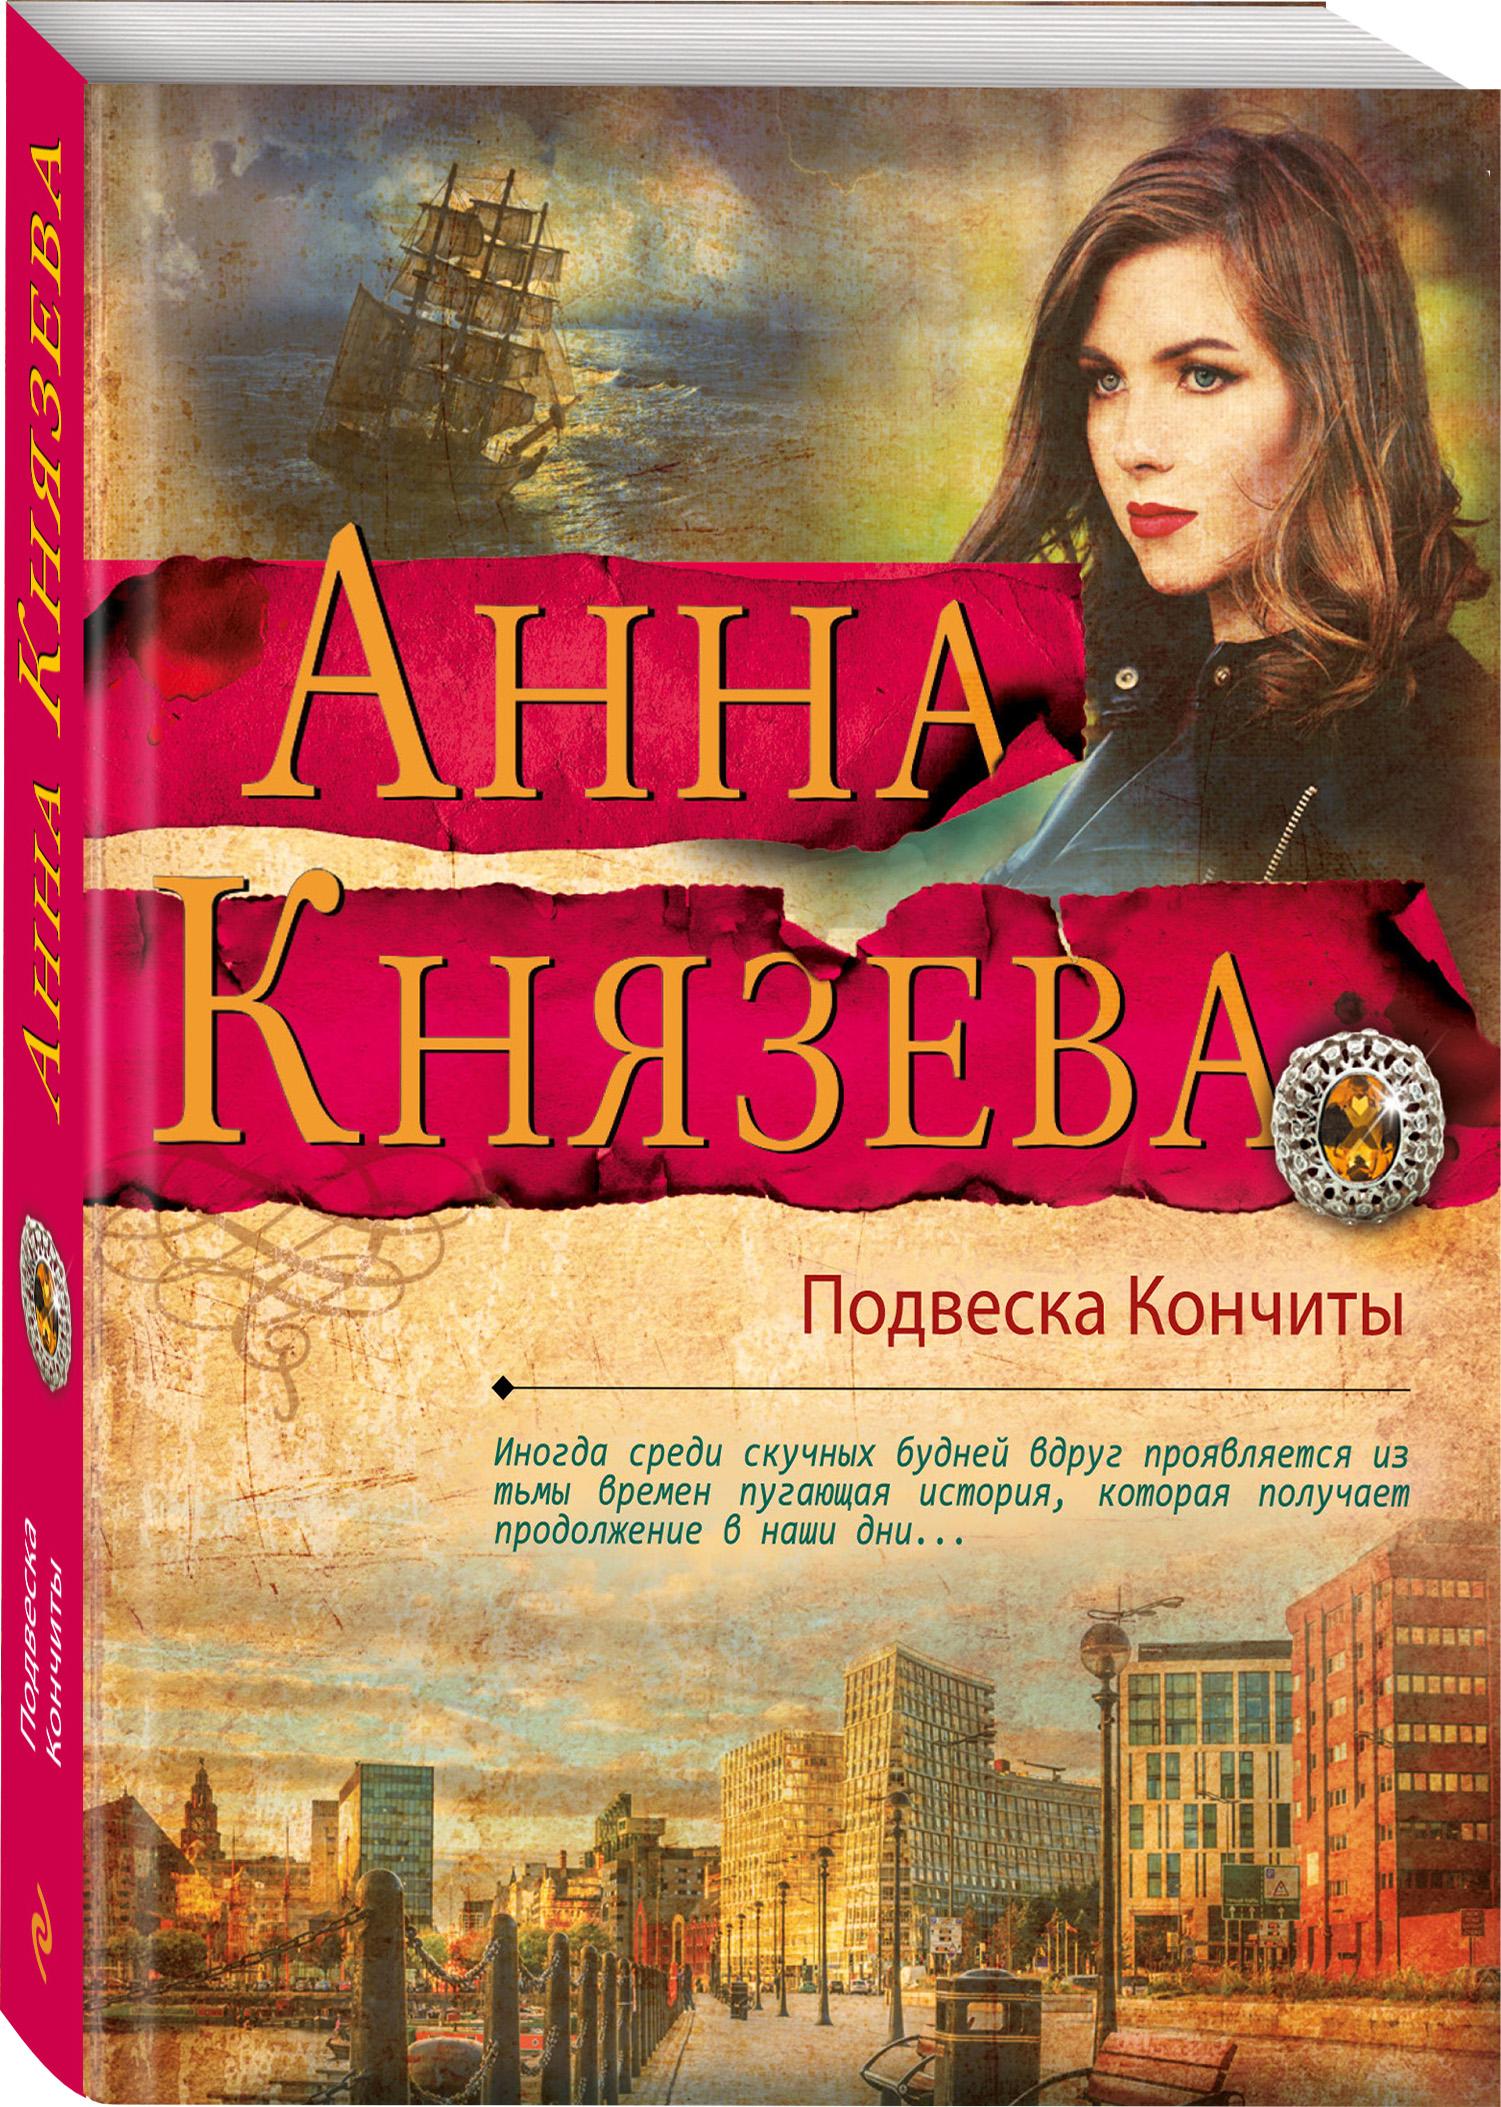 Анна Князеа Подеска Кончиты